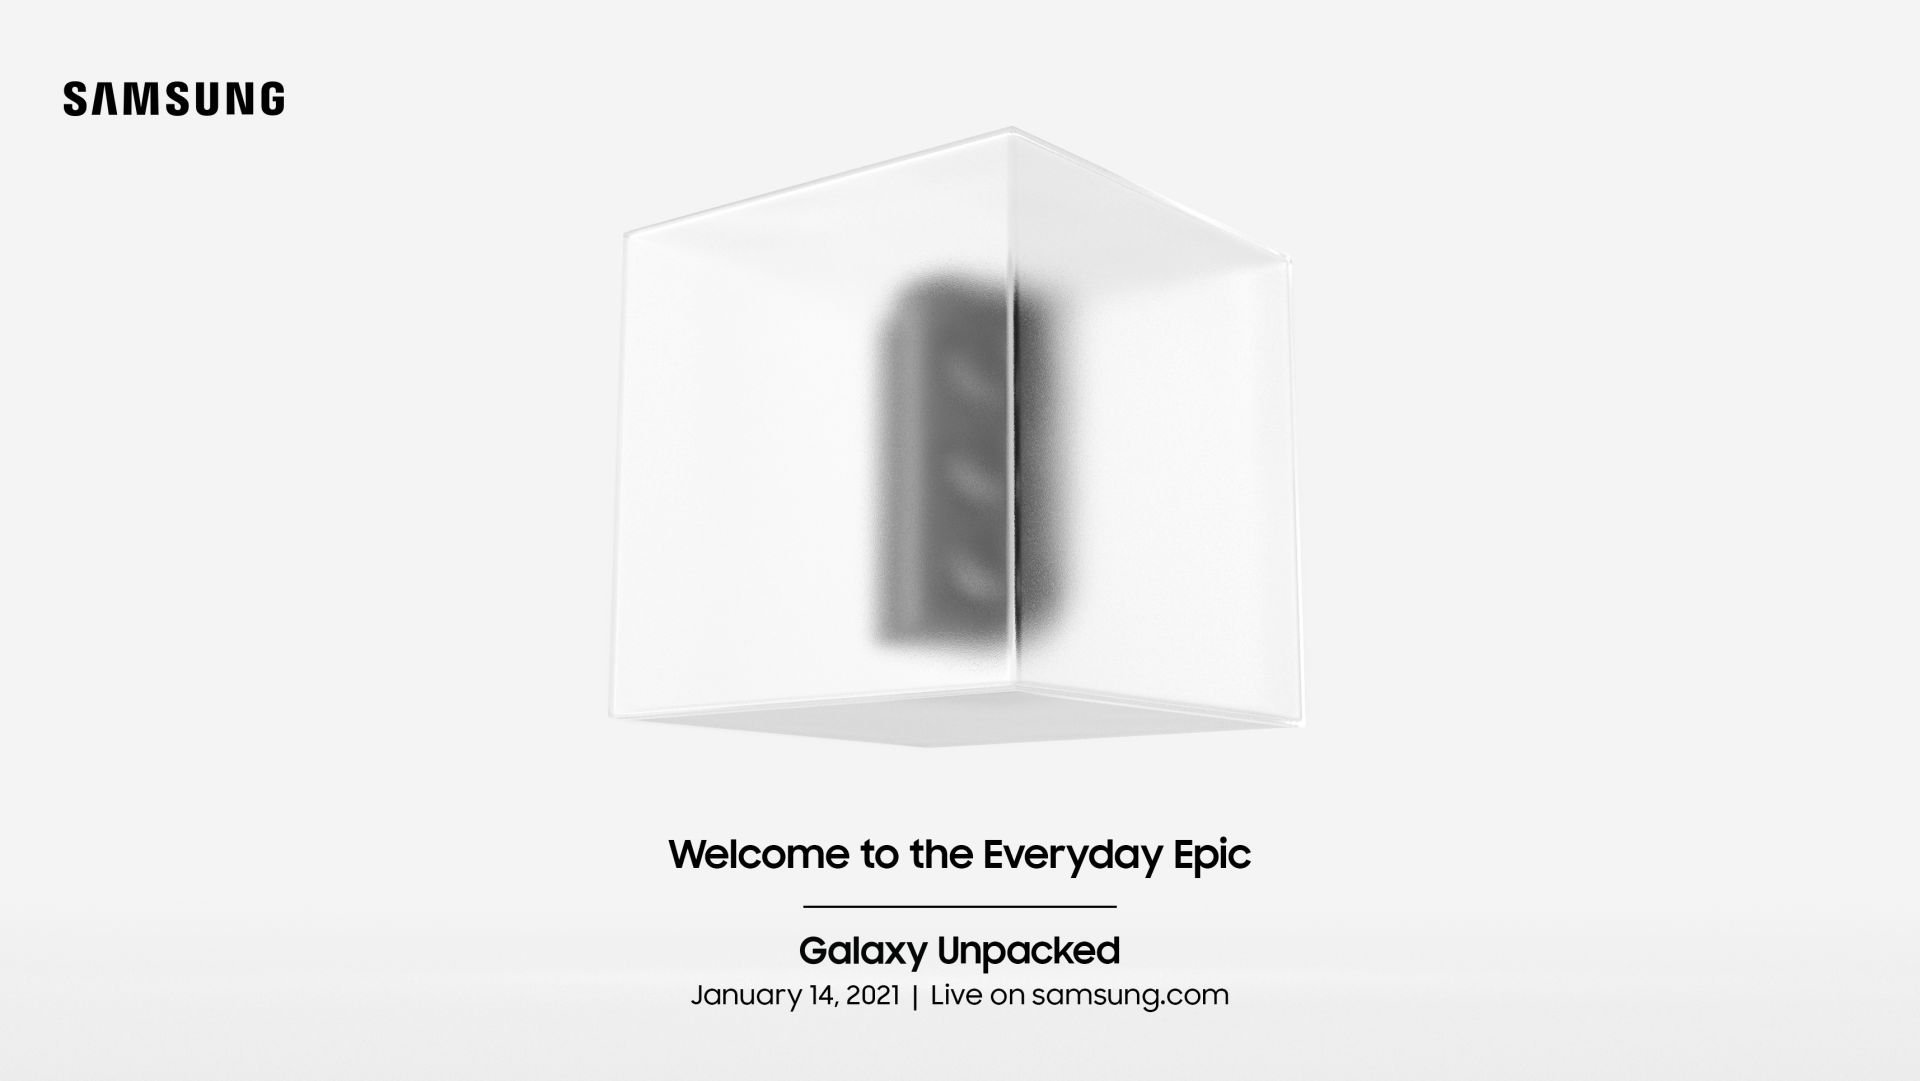 Samsung Galaxy S21 təqdim olunur - CANLI YAYIM